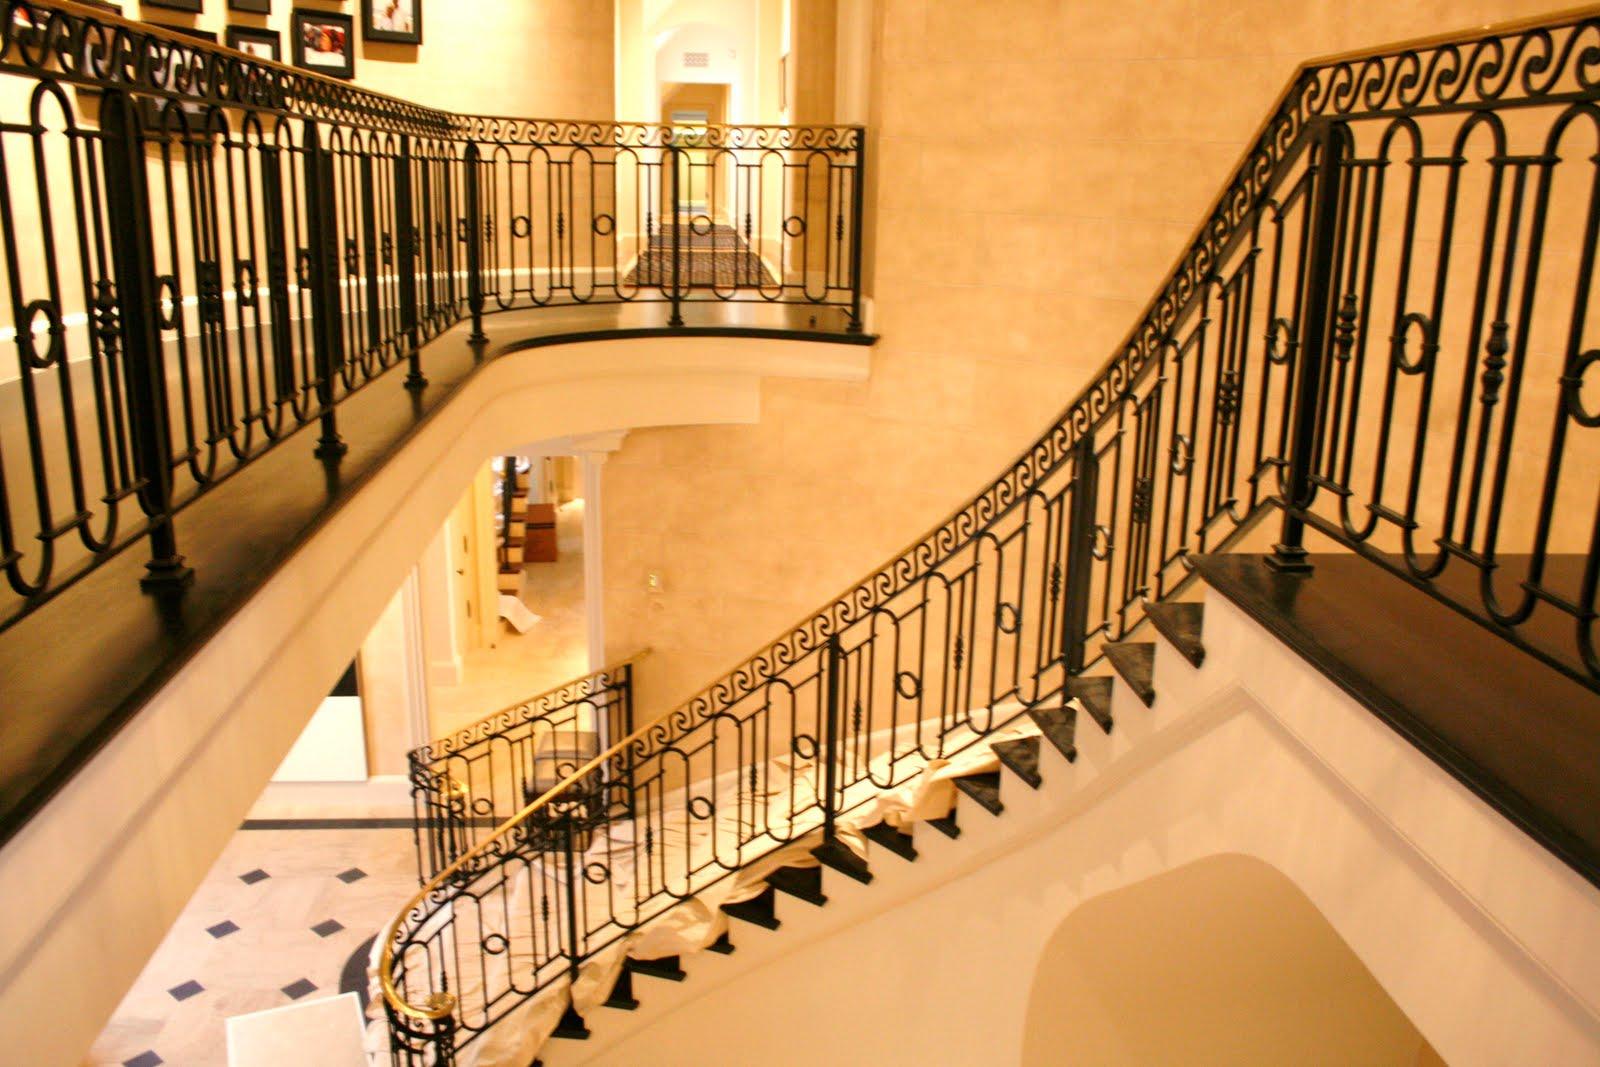 metalgraphic interior stair railings bel air